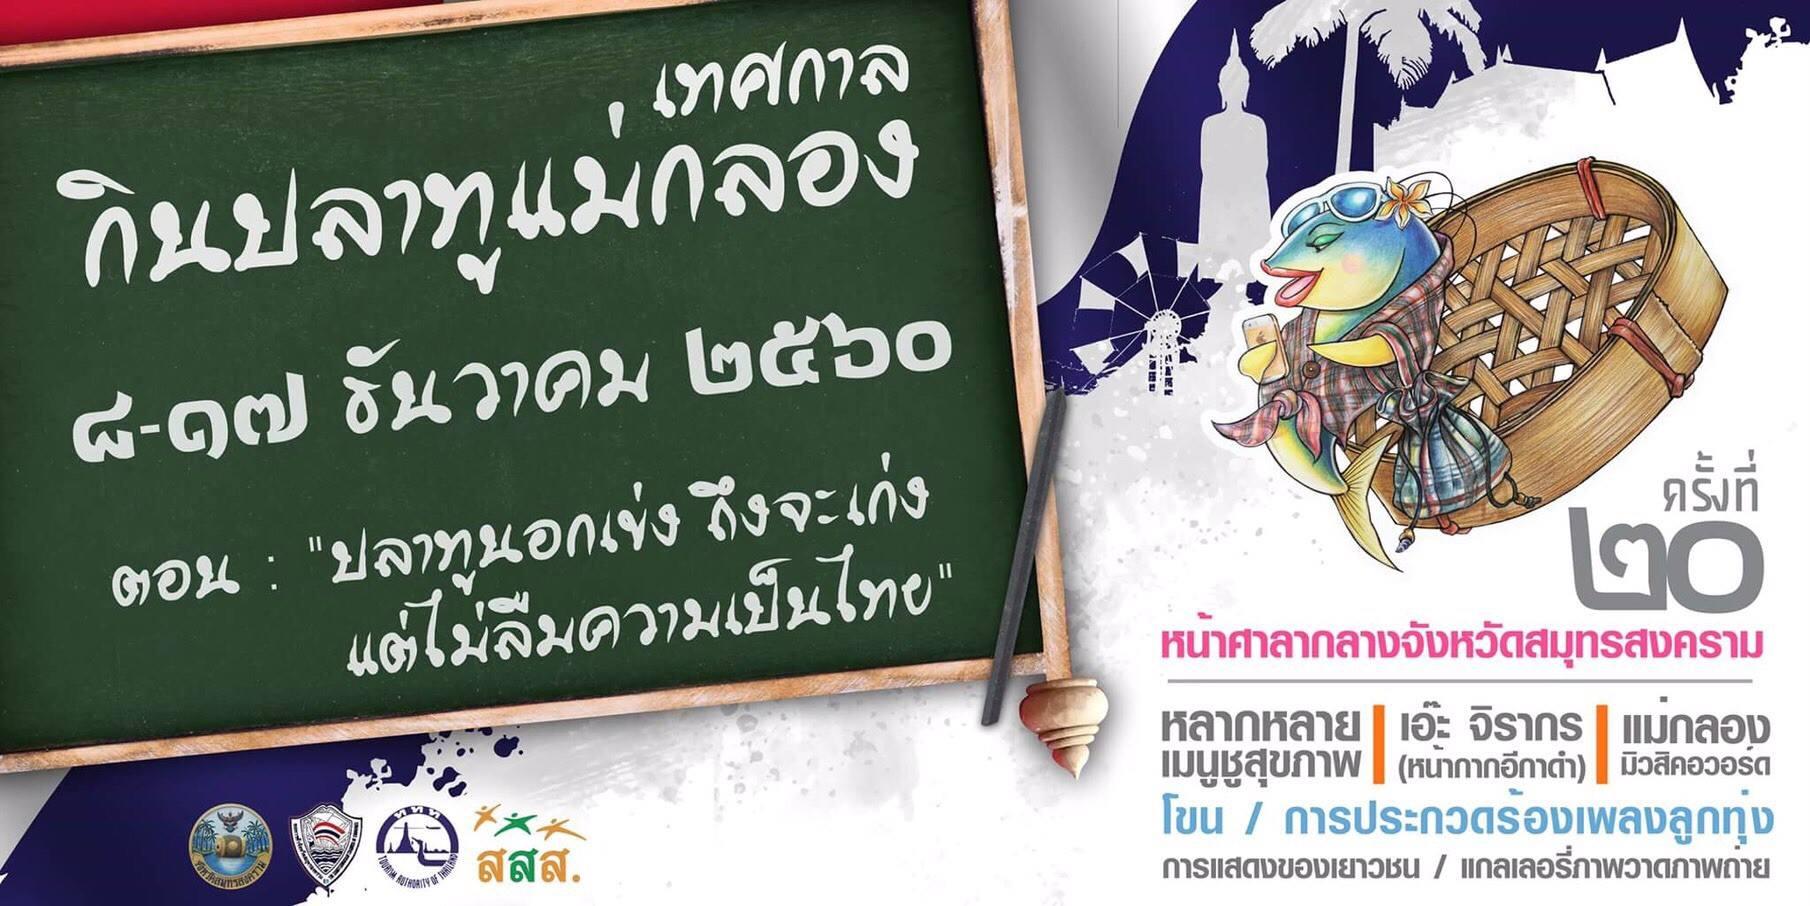 เทศกาลกินปลาทูและของดีเมืองแม่กลอง ครั้งที่ 20 วันที่ 8-17 ธันวาคม 2560 ณ จังหวัดสมุทรสงคราม